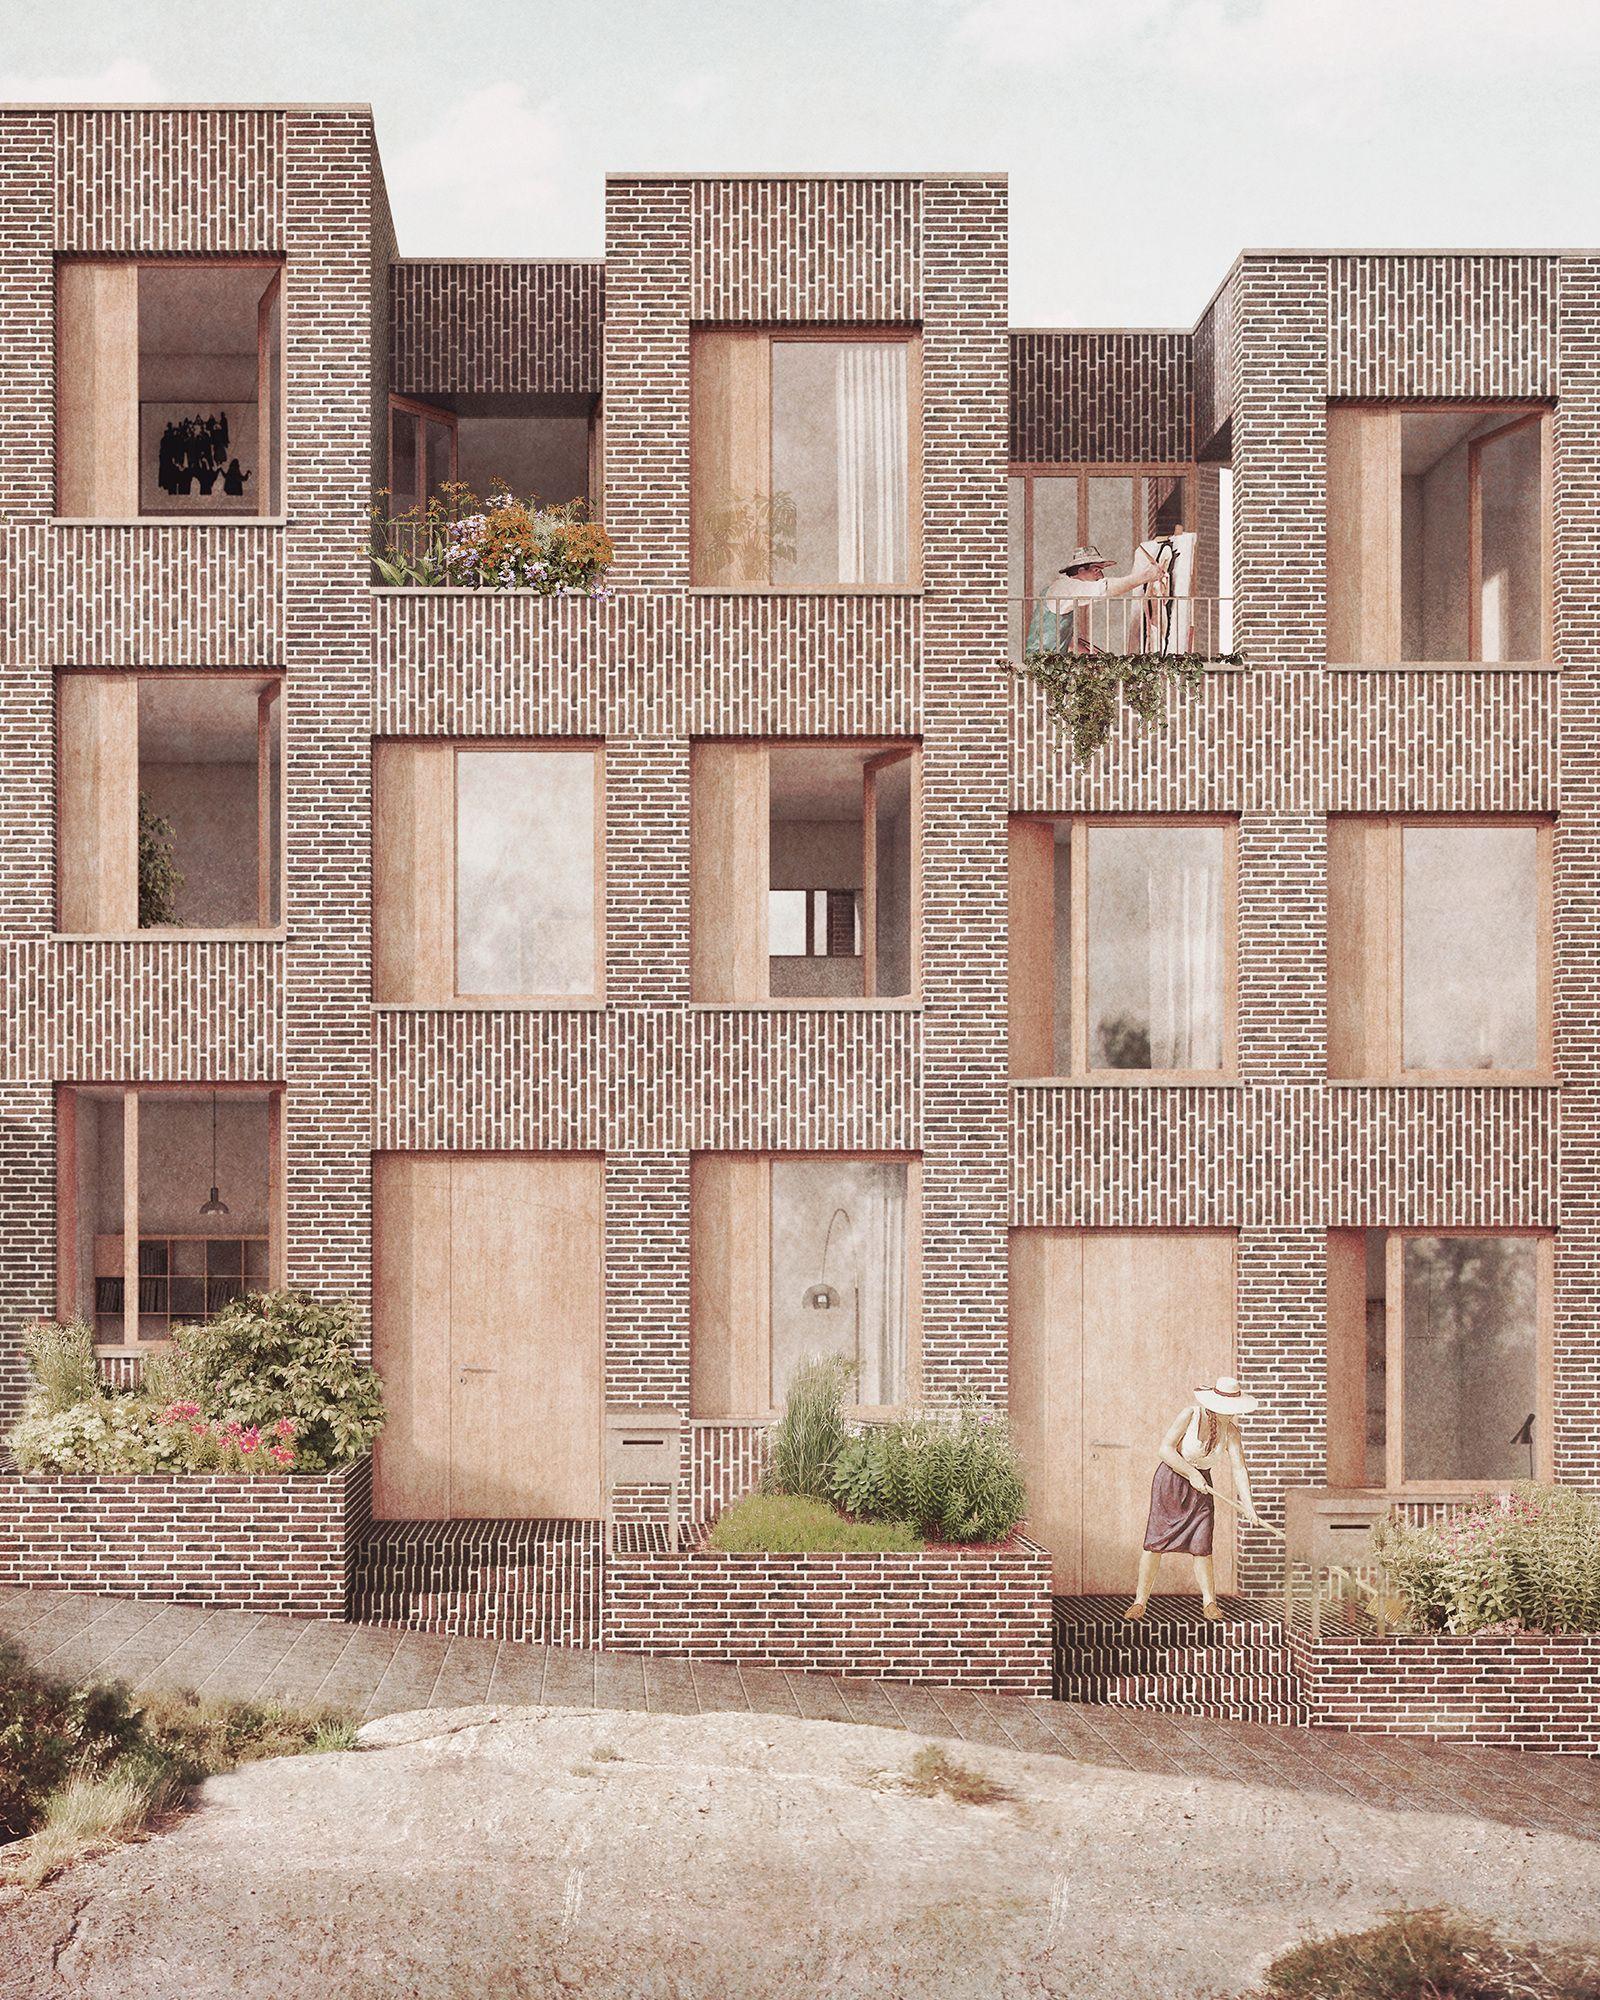 Duvar   VK   Architektur, Architektur visualisierung, Architektur ...